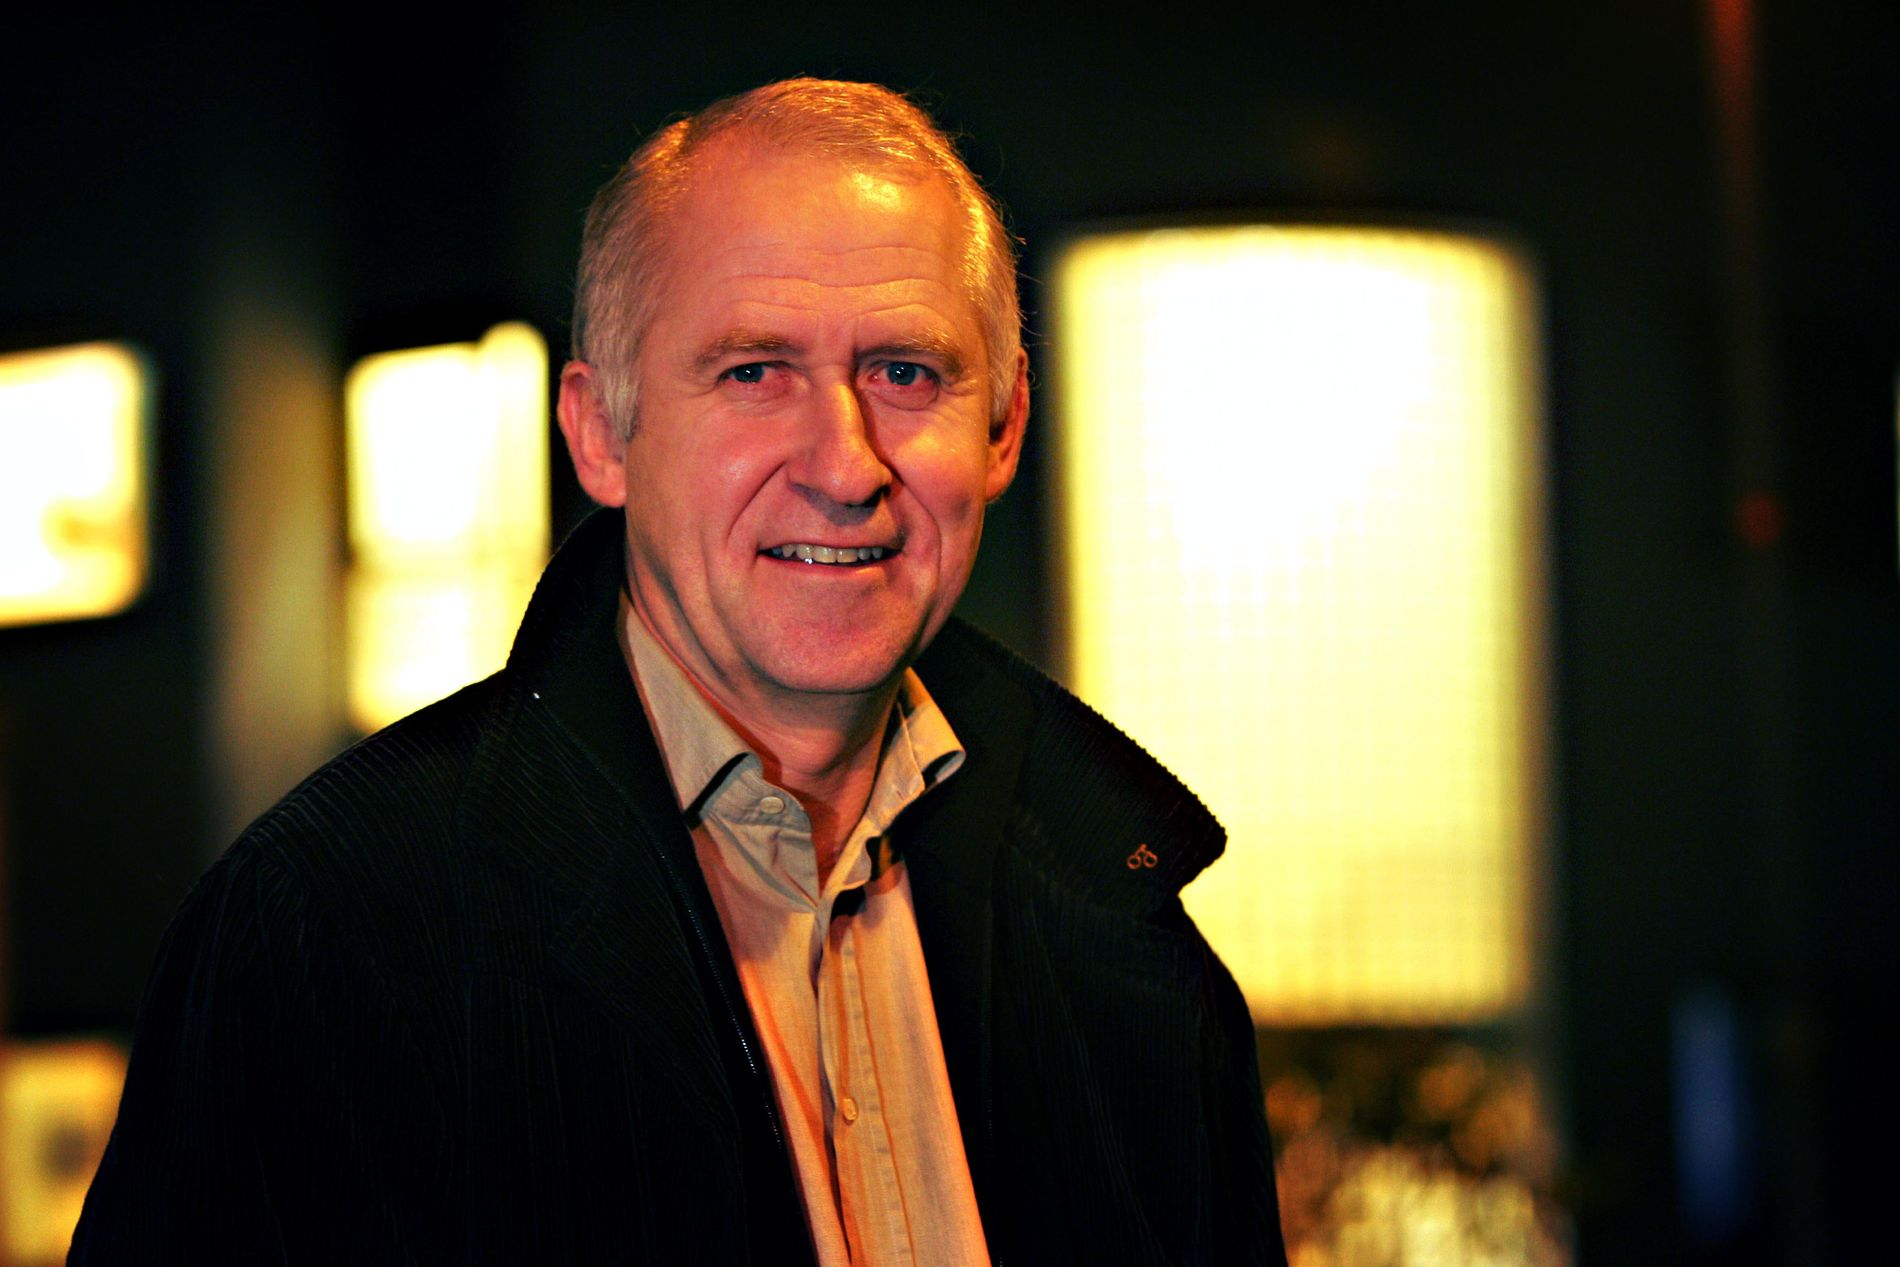 FOR TIDLIG: Rusforsker Sverre Nesvåg mener det er for tidlig å si hva partiene egentlig mener.